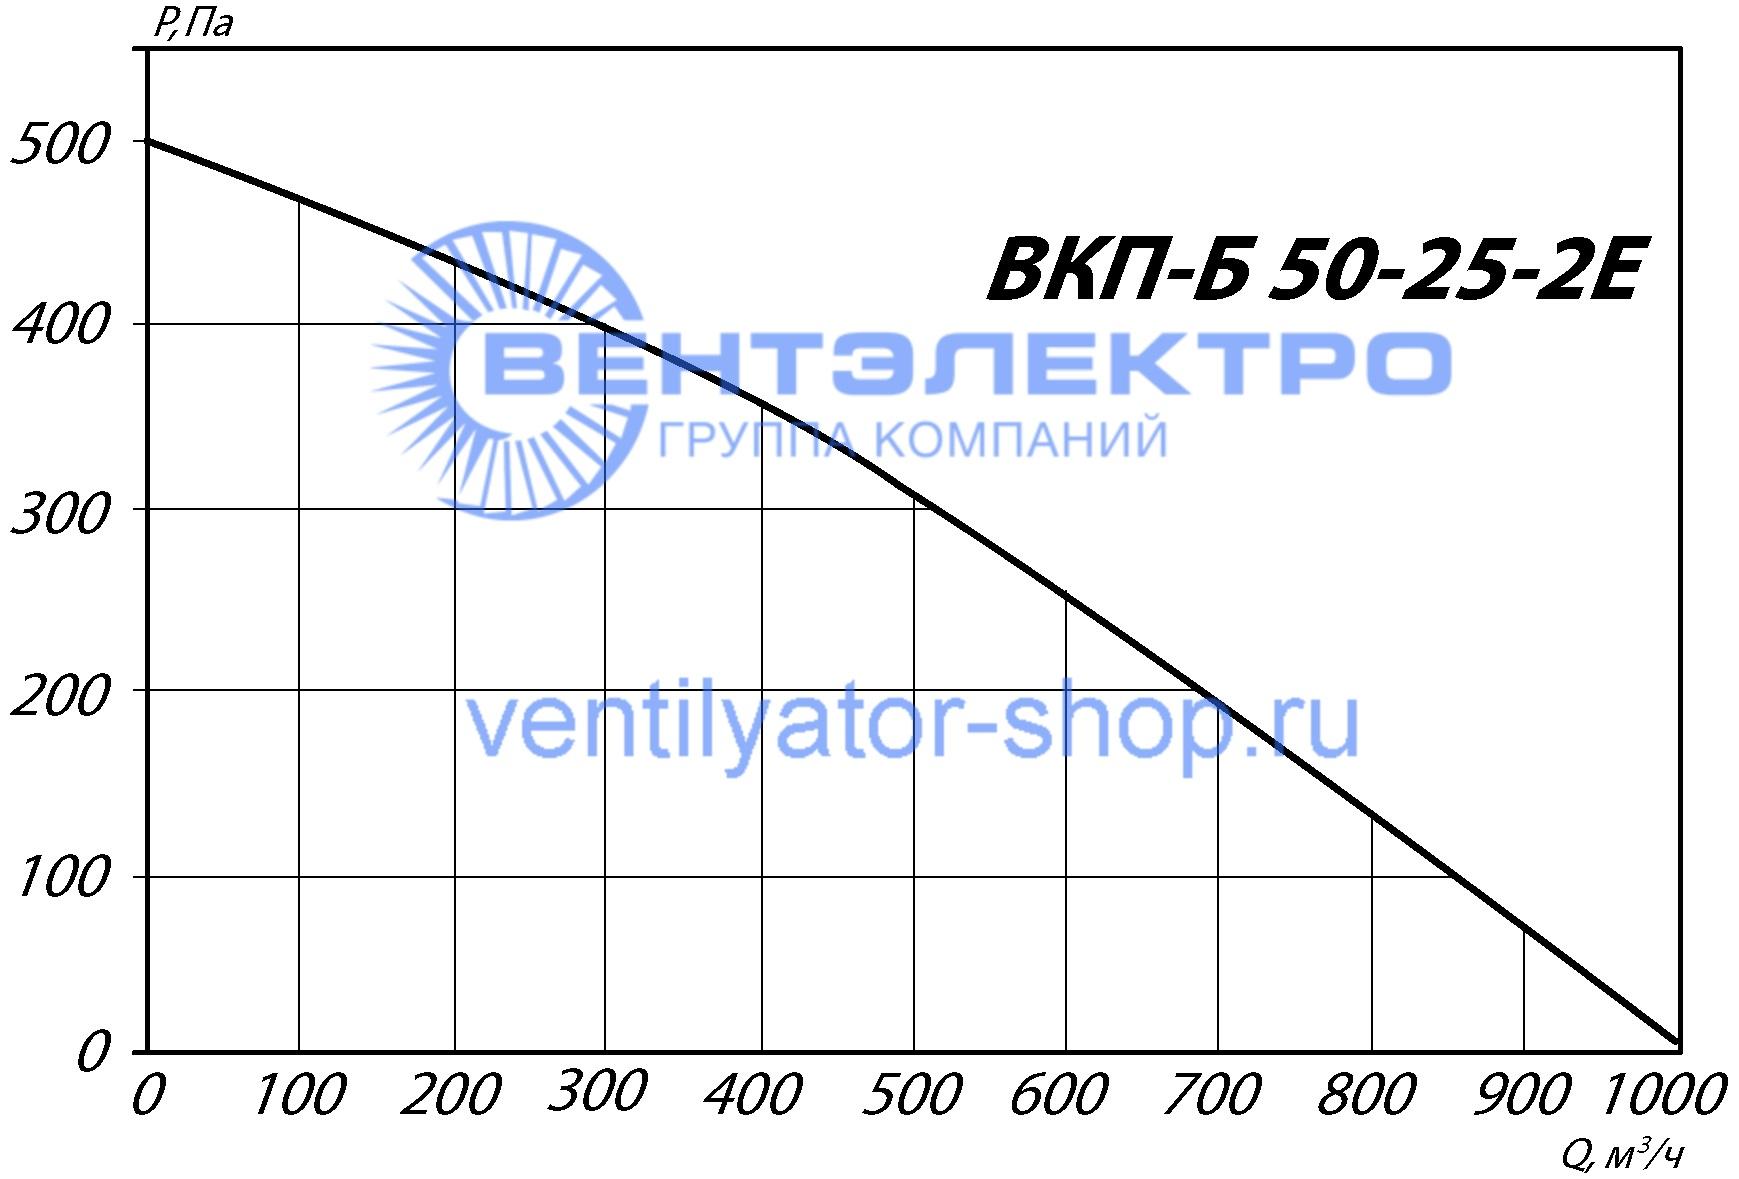 График аэродинамических характеристик ВКП-Б-50-25-2Е